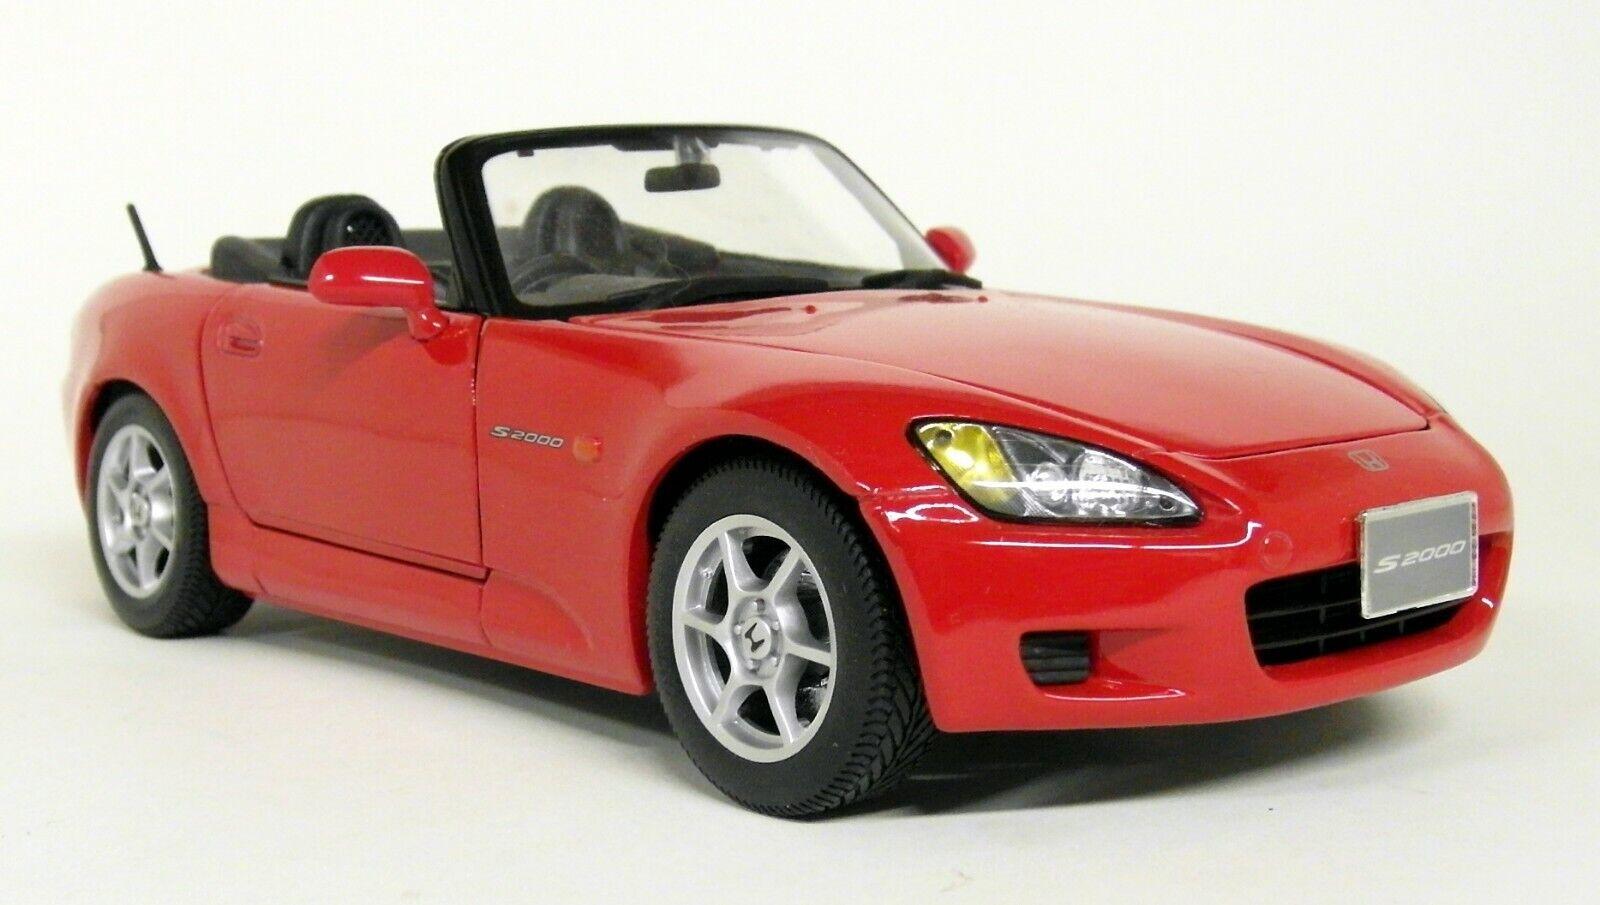 Maisto échelle 1 18 - HONDA S2000 version japonaise  RHD rouge Diecast Voiture Modèle  économiser 50% -75% de réduction